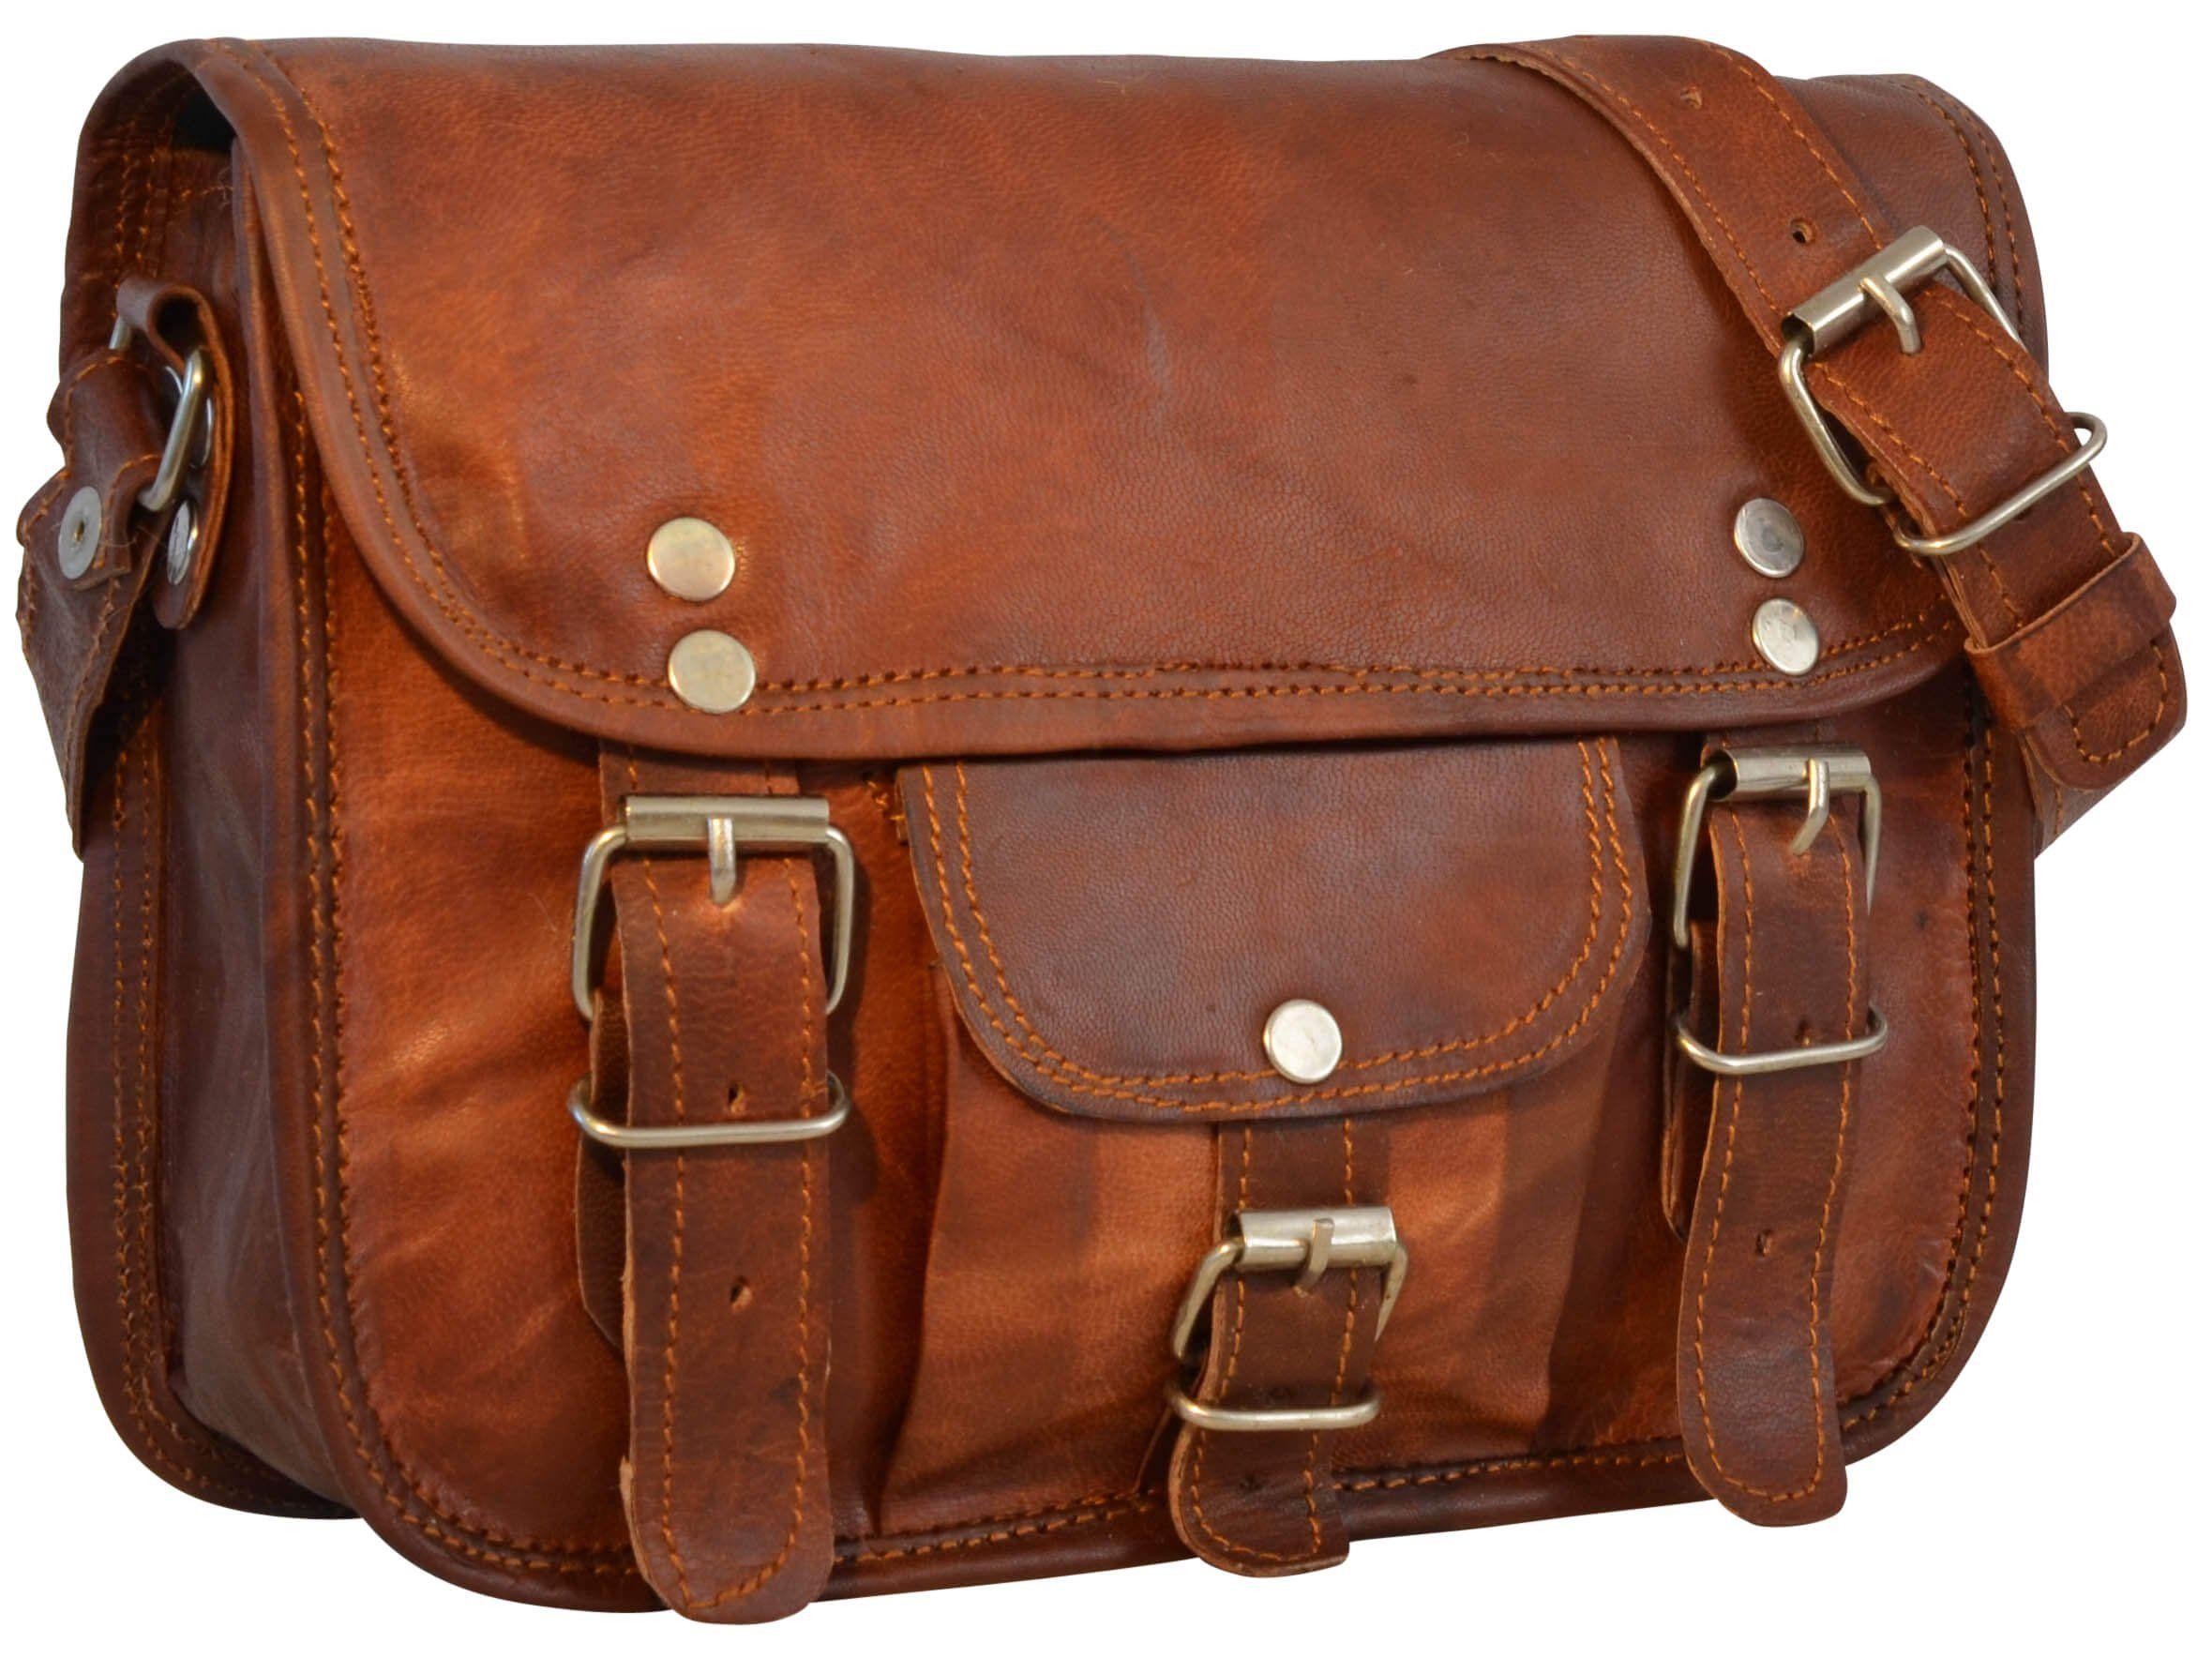 Sacoche en cuir pour sac bandoulière Travail Besace en cuir Sac de voyage unisexe noir baTuFJg